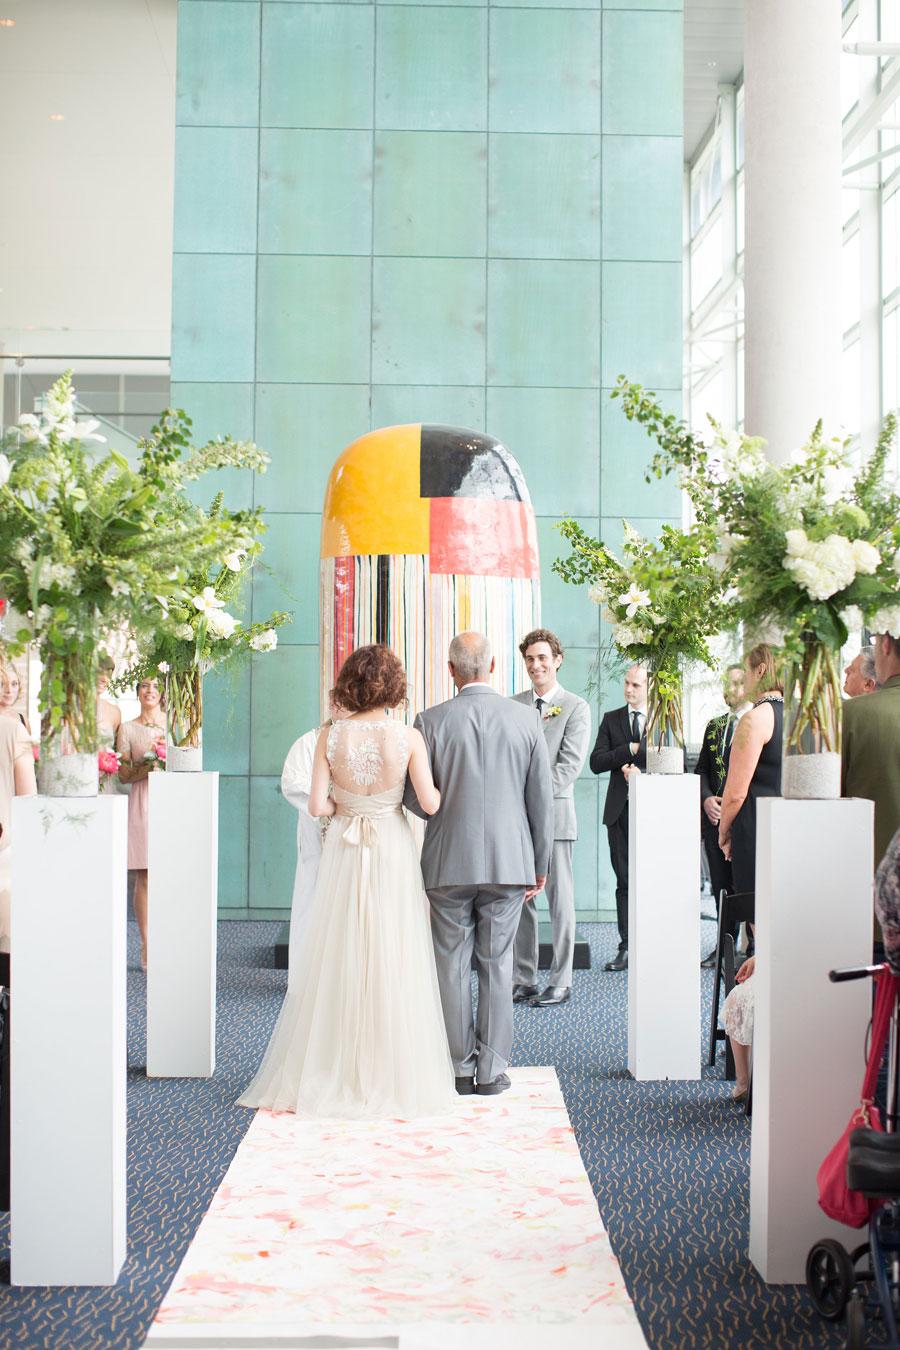 Holland Performing Arts Omaha Nebraska Wedding Ceremony